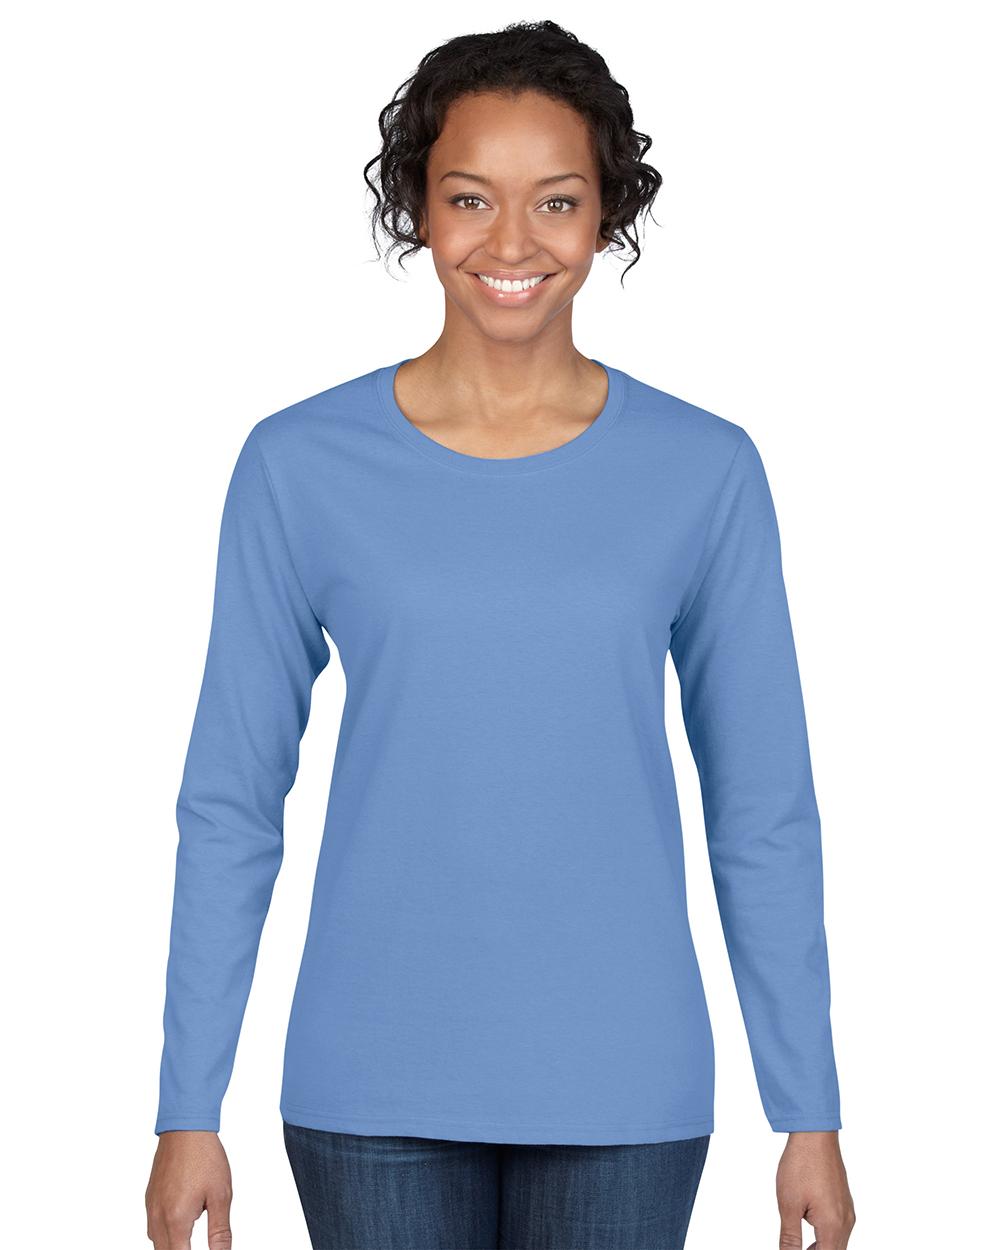 Gildan 5400L     Heavy Cotton™    Adult Missy Fit Ladies Long Sleeve T-Shirt    5.3 oz. 100% Cotton